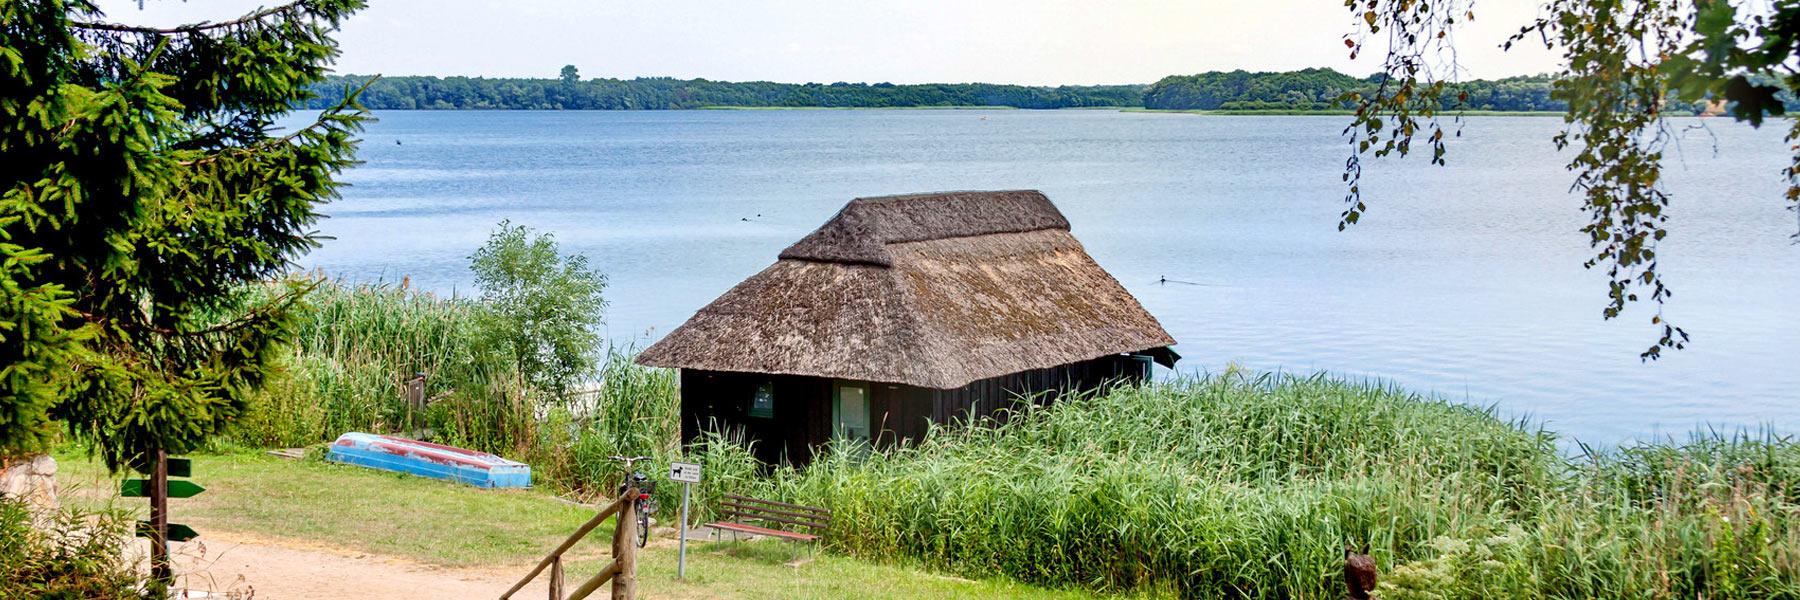 Schaalsee Fischerhütte - Zarrentin